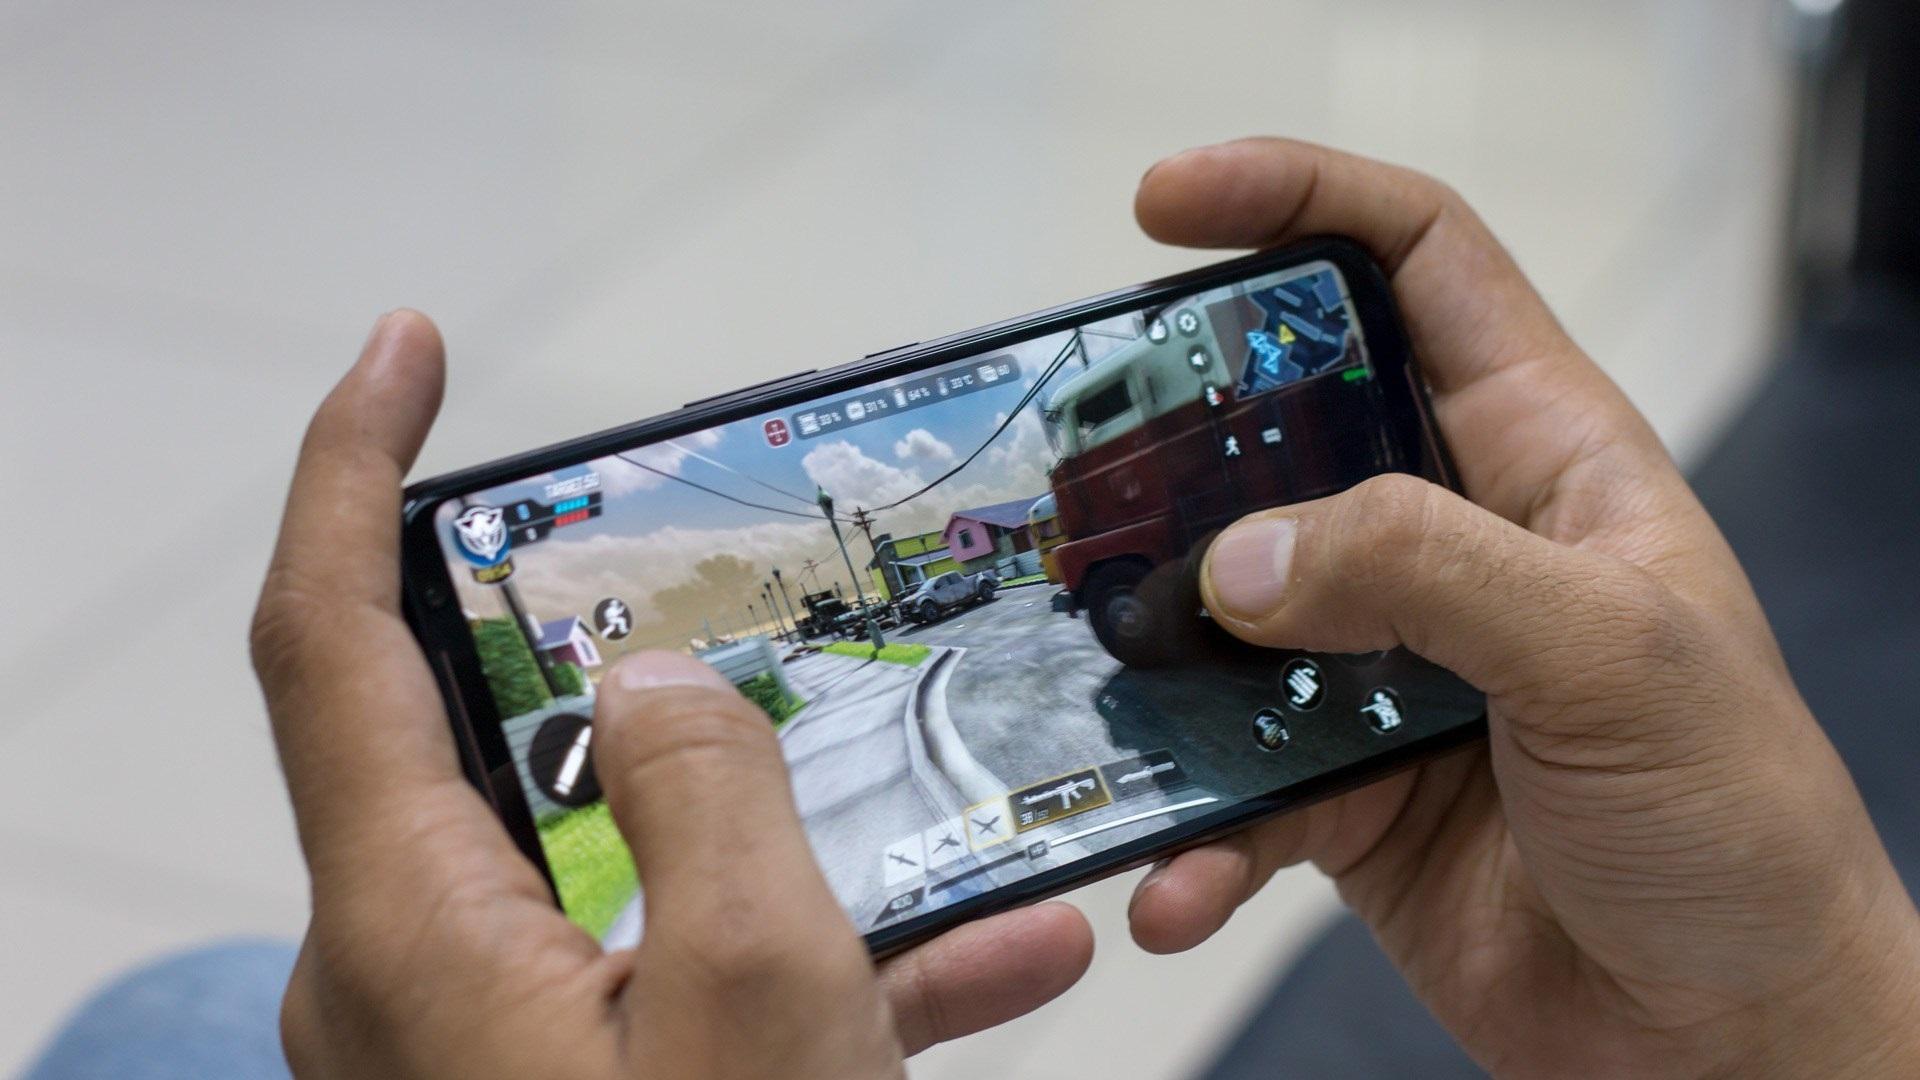 ما الفارق بين معدلات تحديث الشاشة المختلفة في الهواتف الذكية